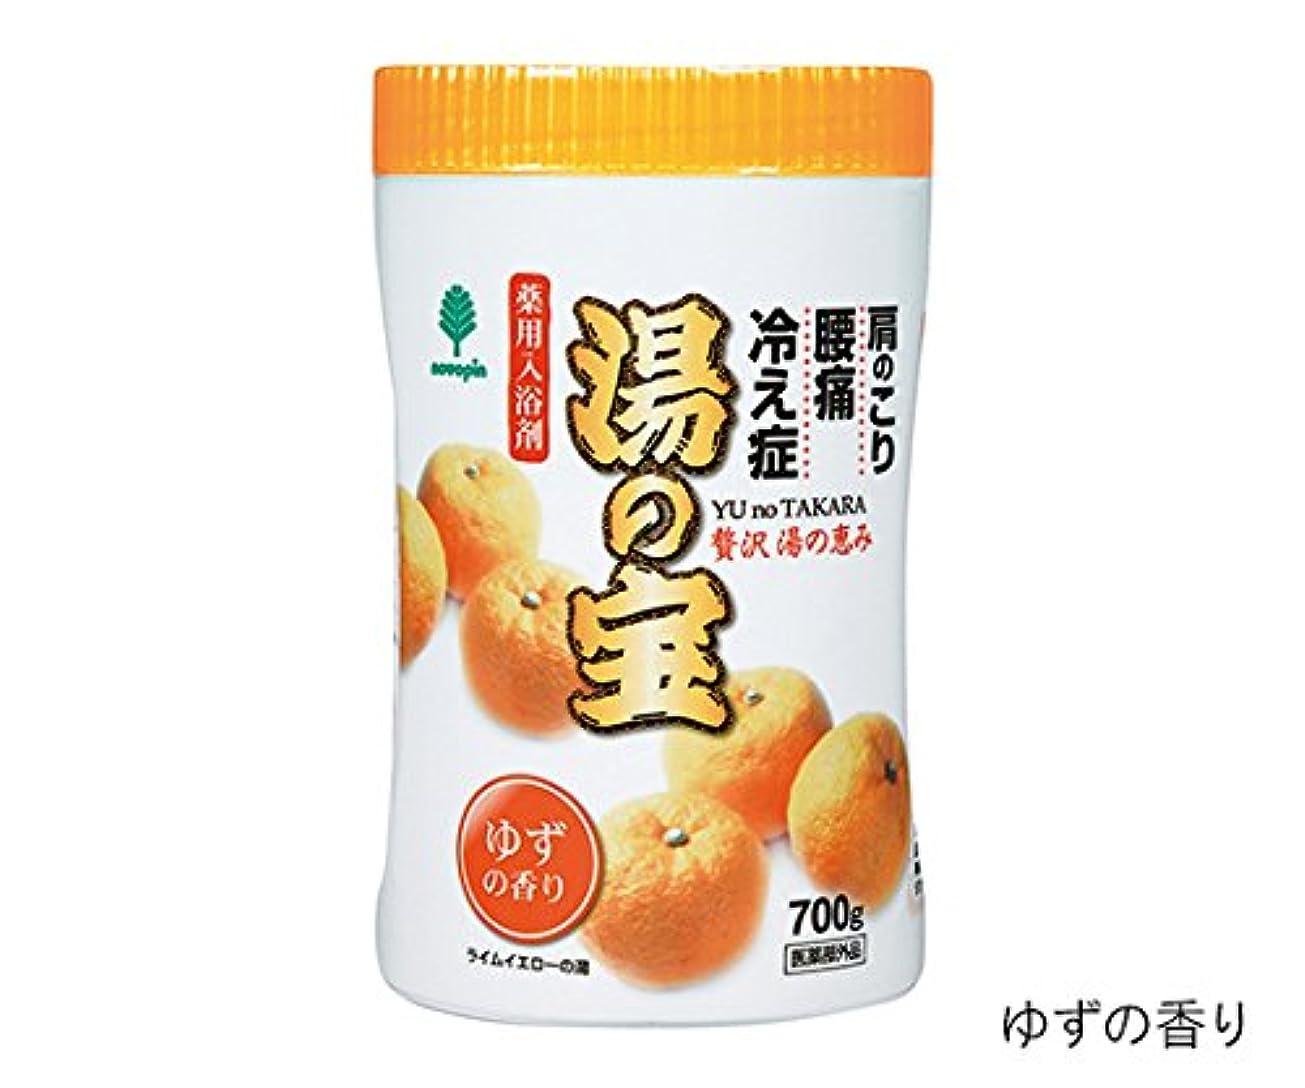 家具レキシコンモール紀陽除虫菊7-2542-02入浴剤(湯の宝)森林の香り700g